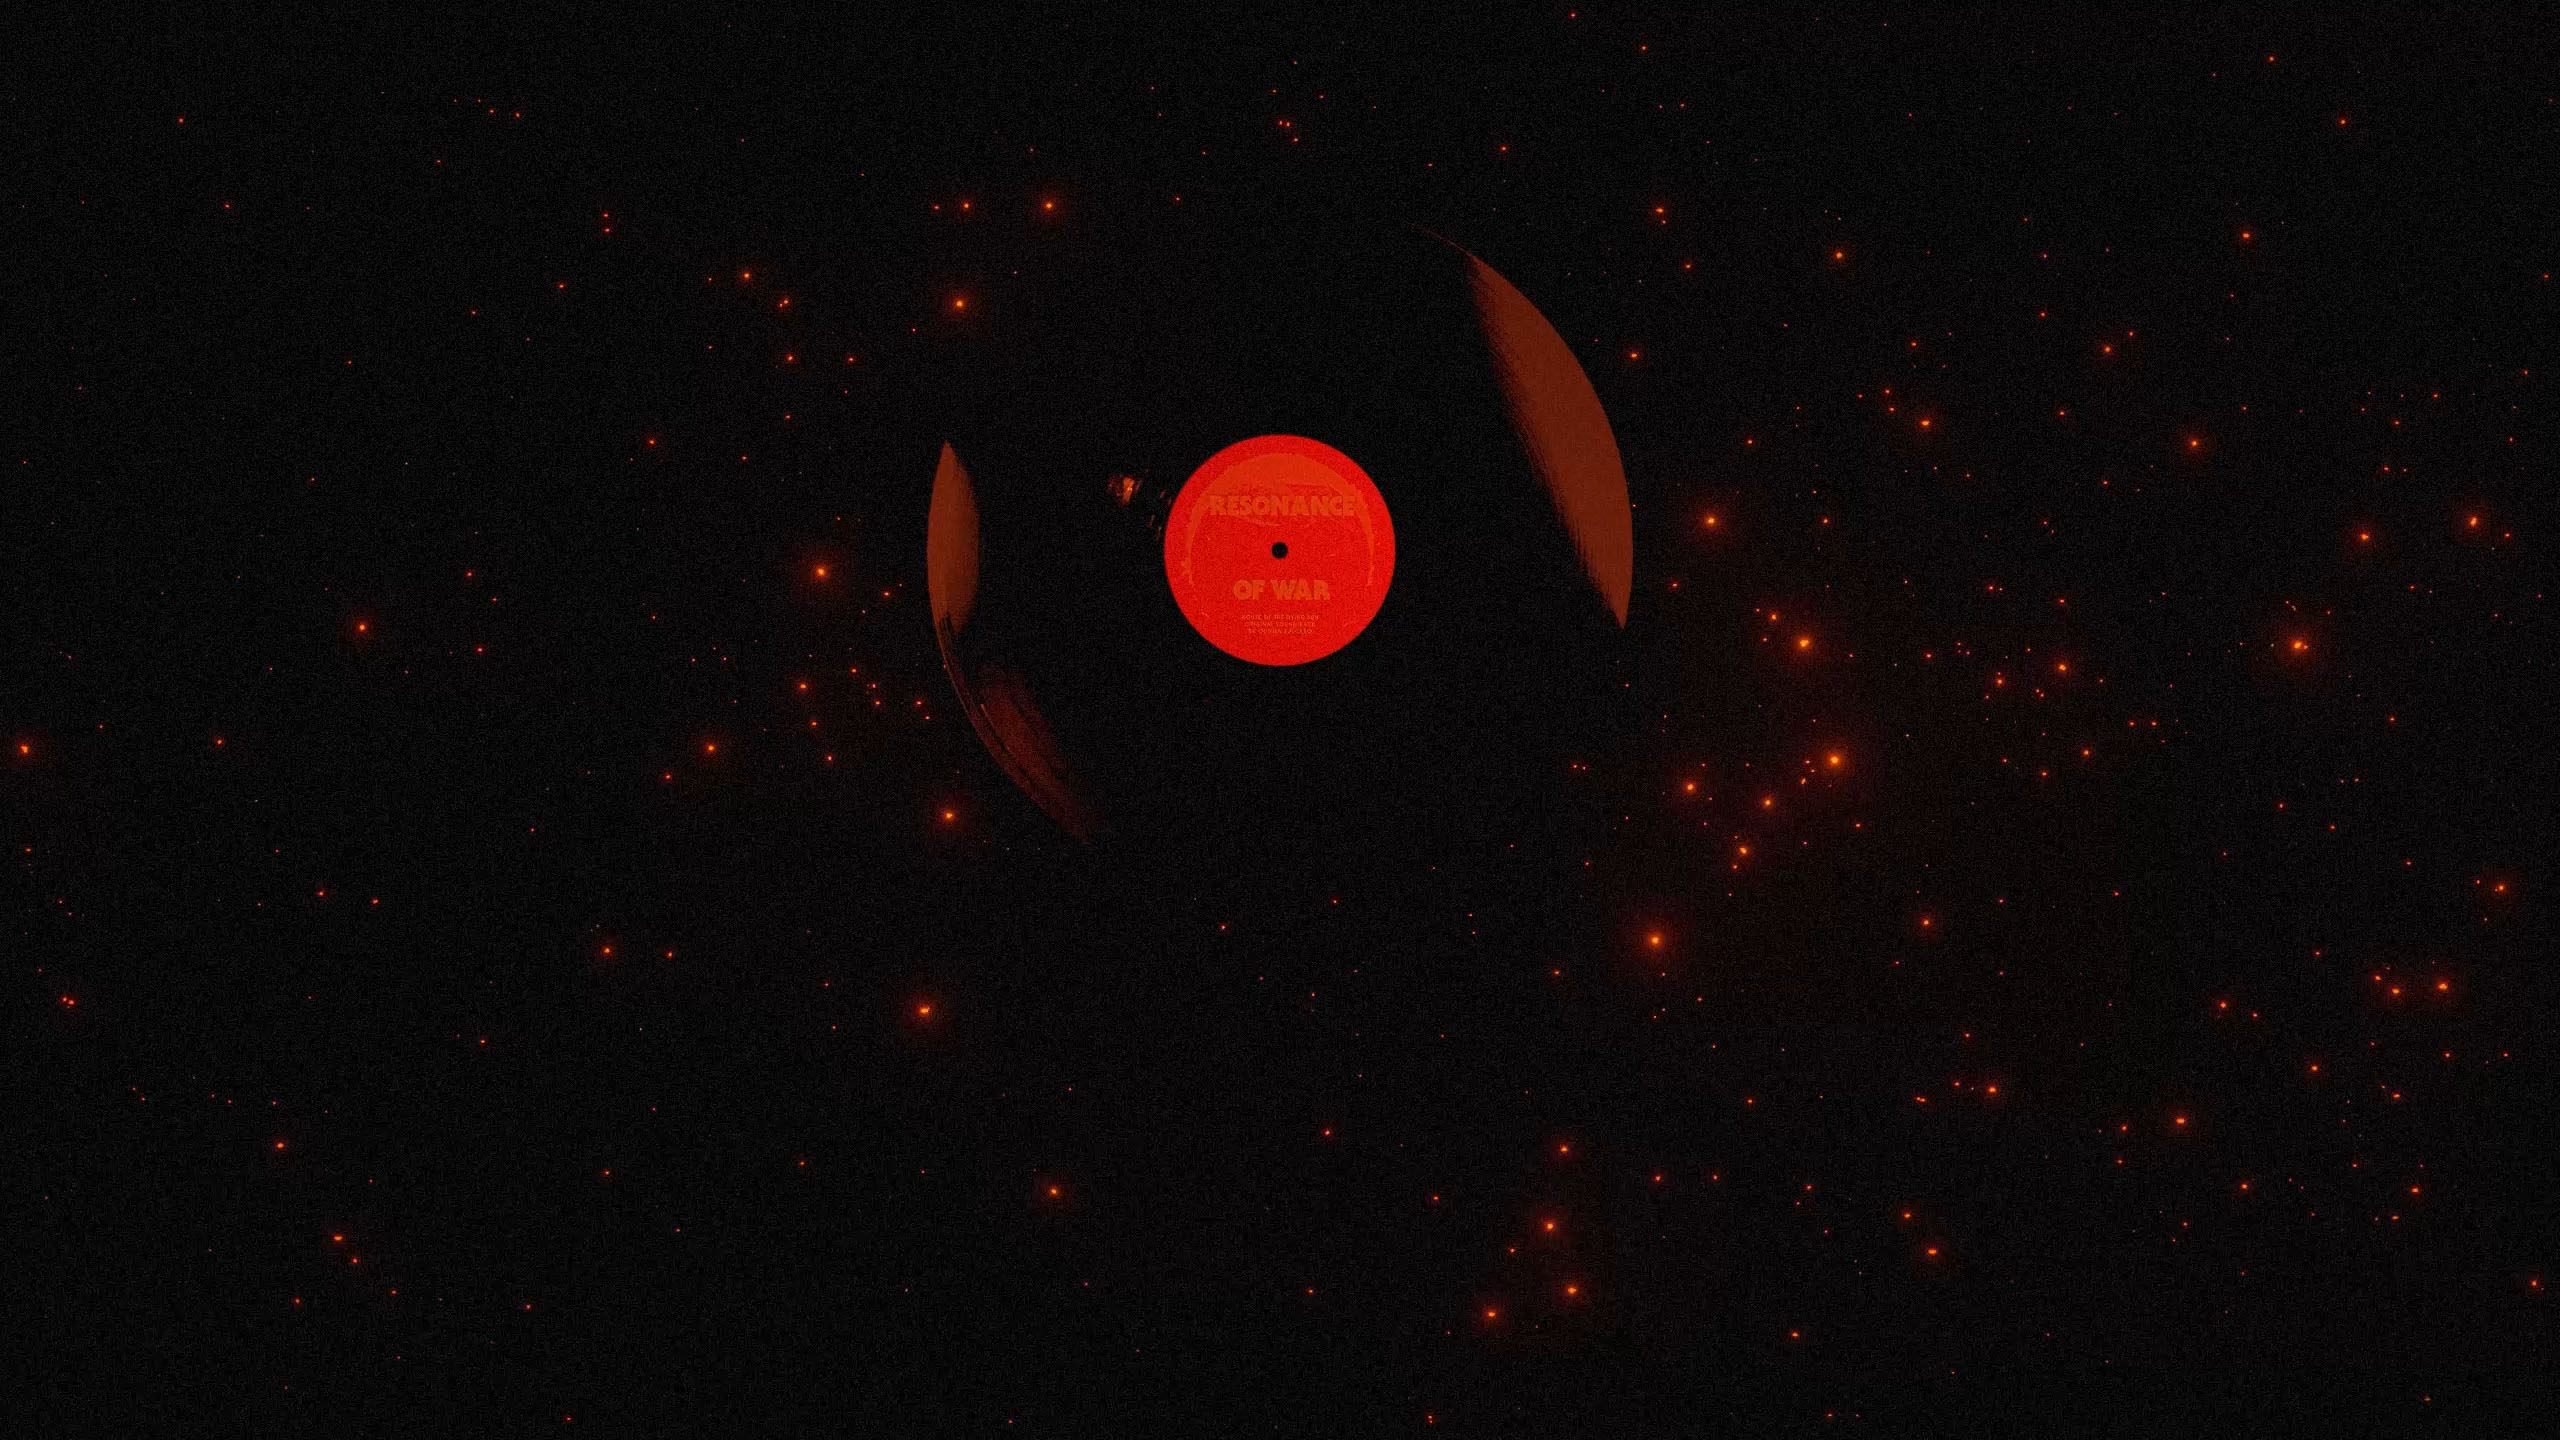 Antoine Ghioni - Resonance of War viyl in space